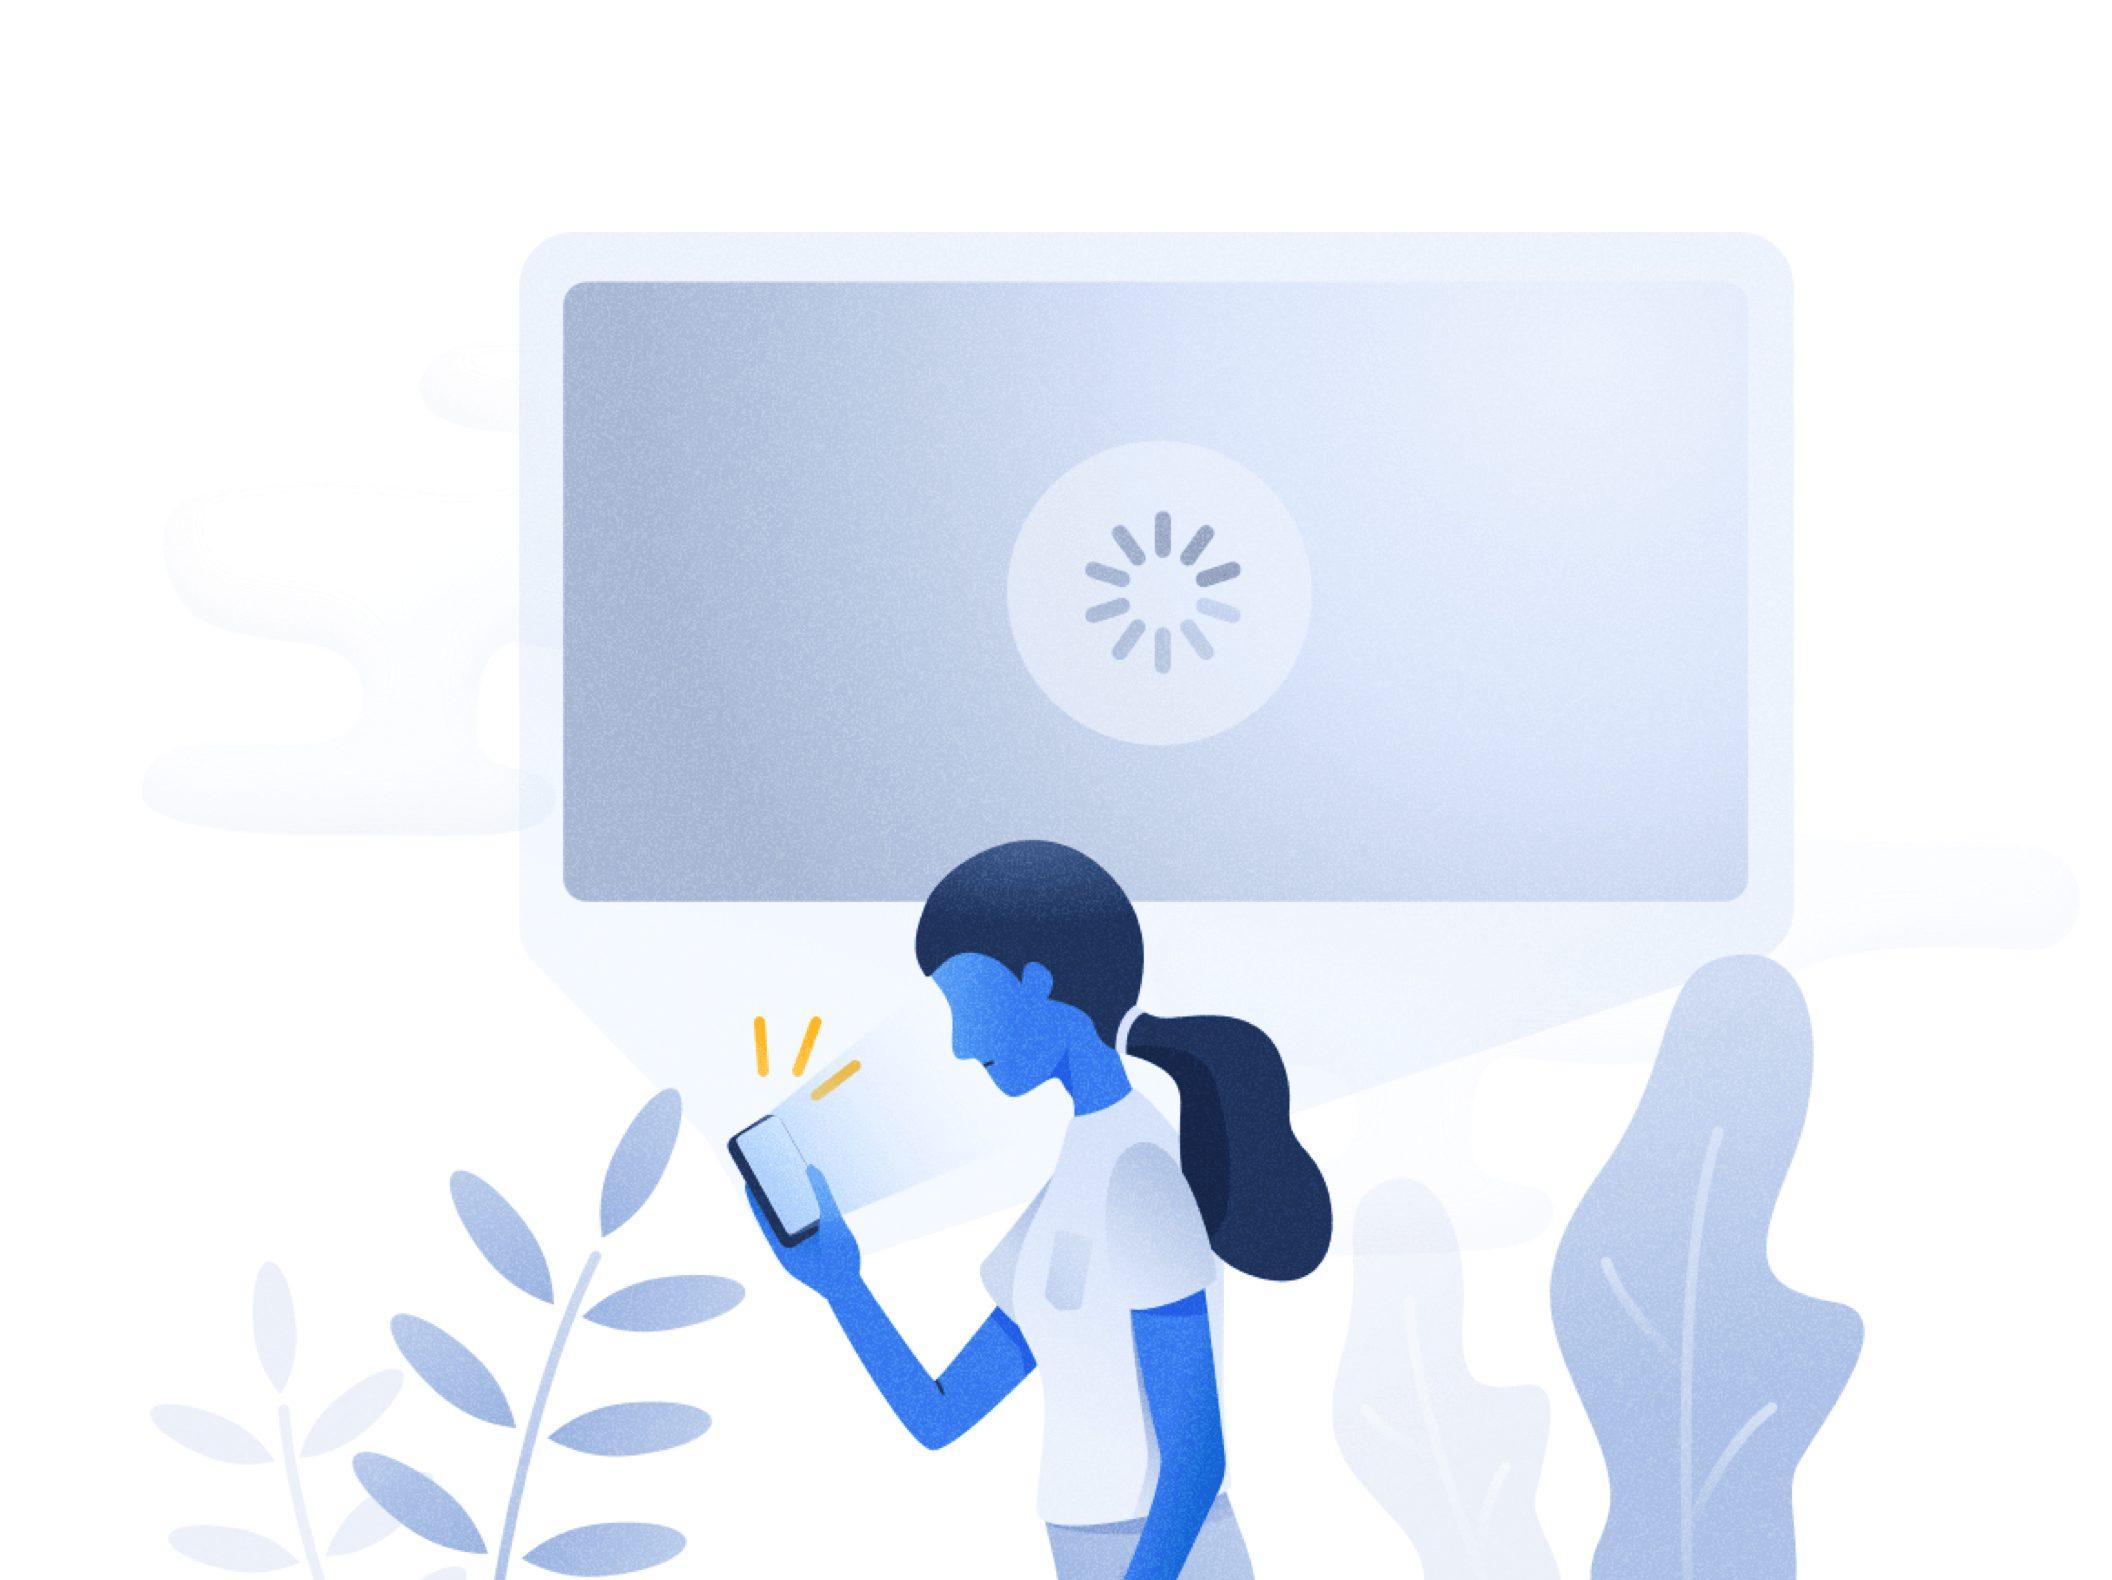 (精品)超多场景插画应用 引导页插画 web端插画应用 手绘插画多场景应用Illustration Pack - Vol 03